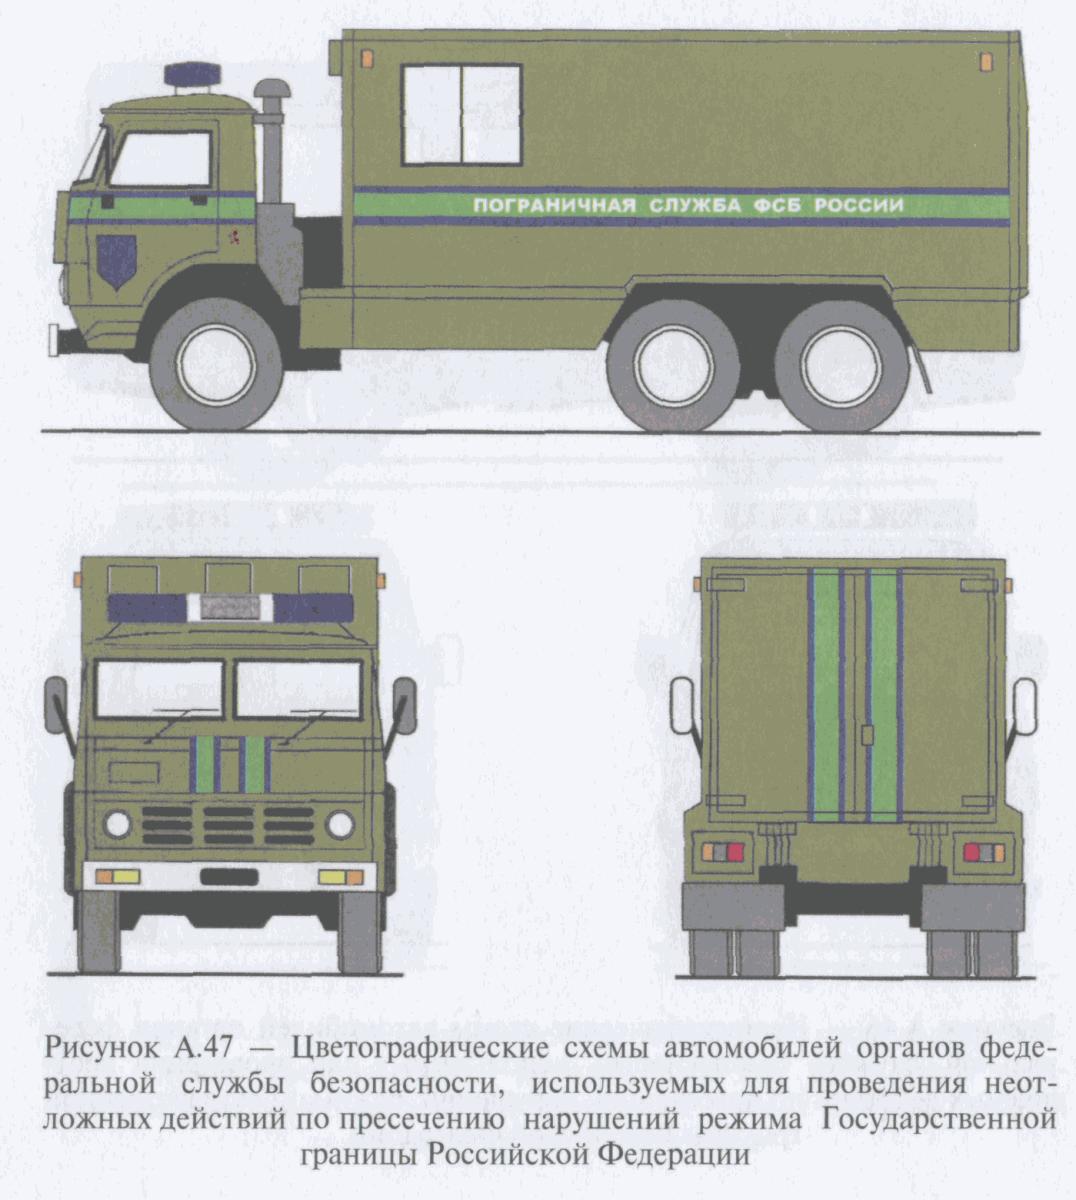 РИСУНОК A.47 (К ИЗМЕНЕНИЮ N 2 ГОСТ Р 50574-2002)